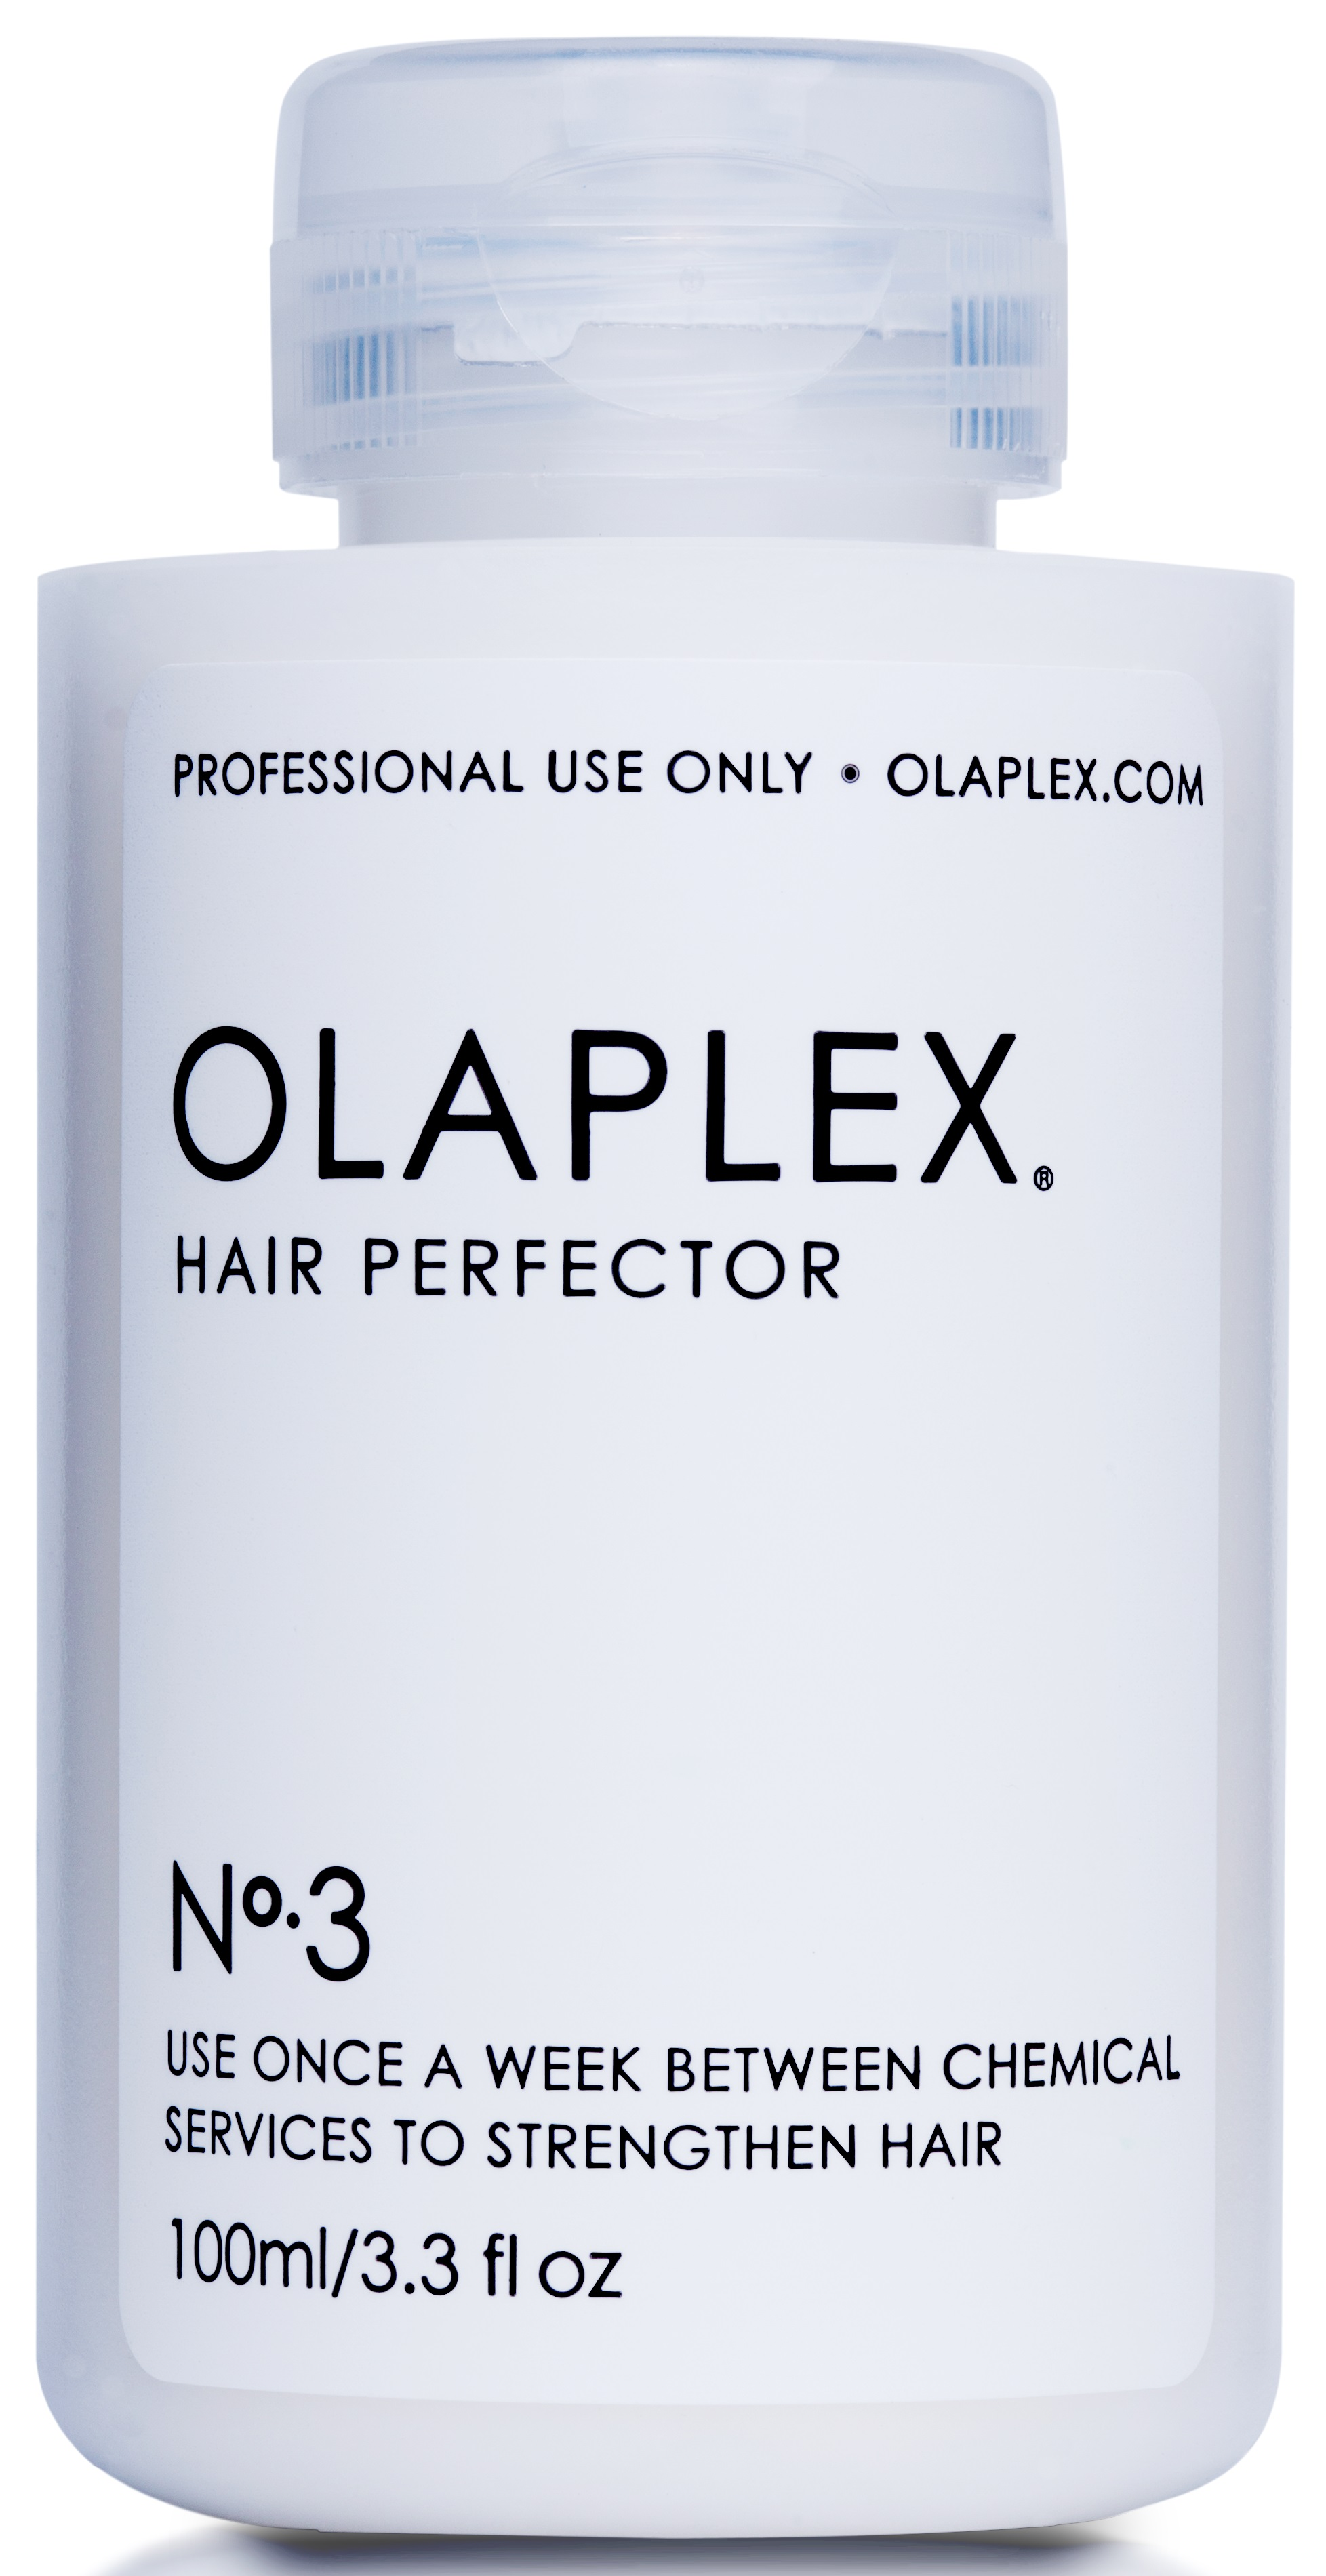 olaplex_perfector 3